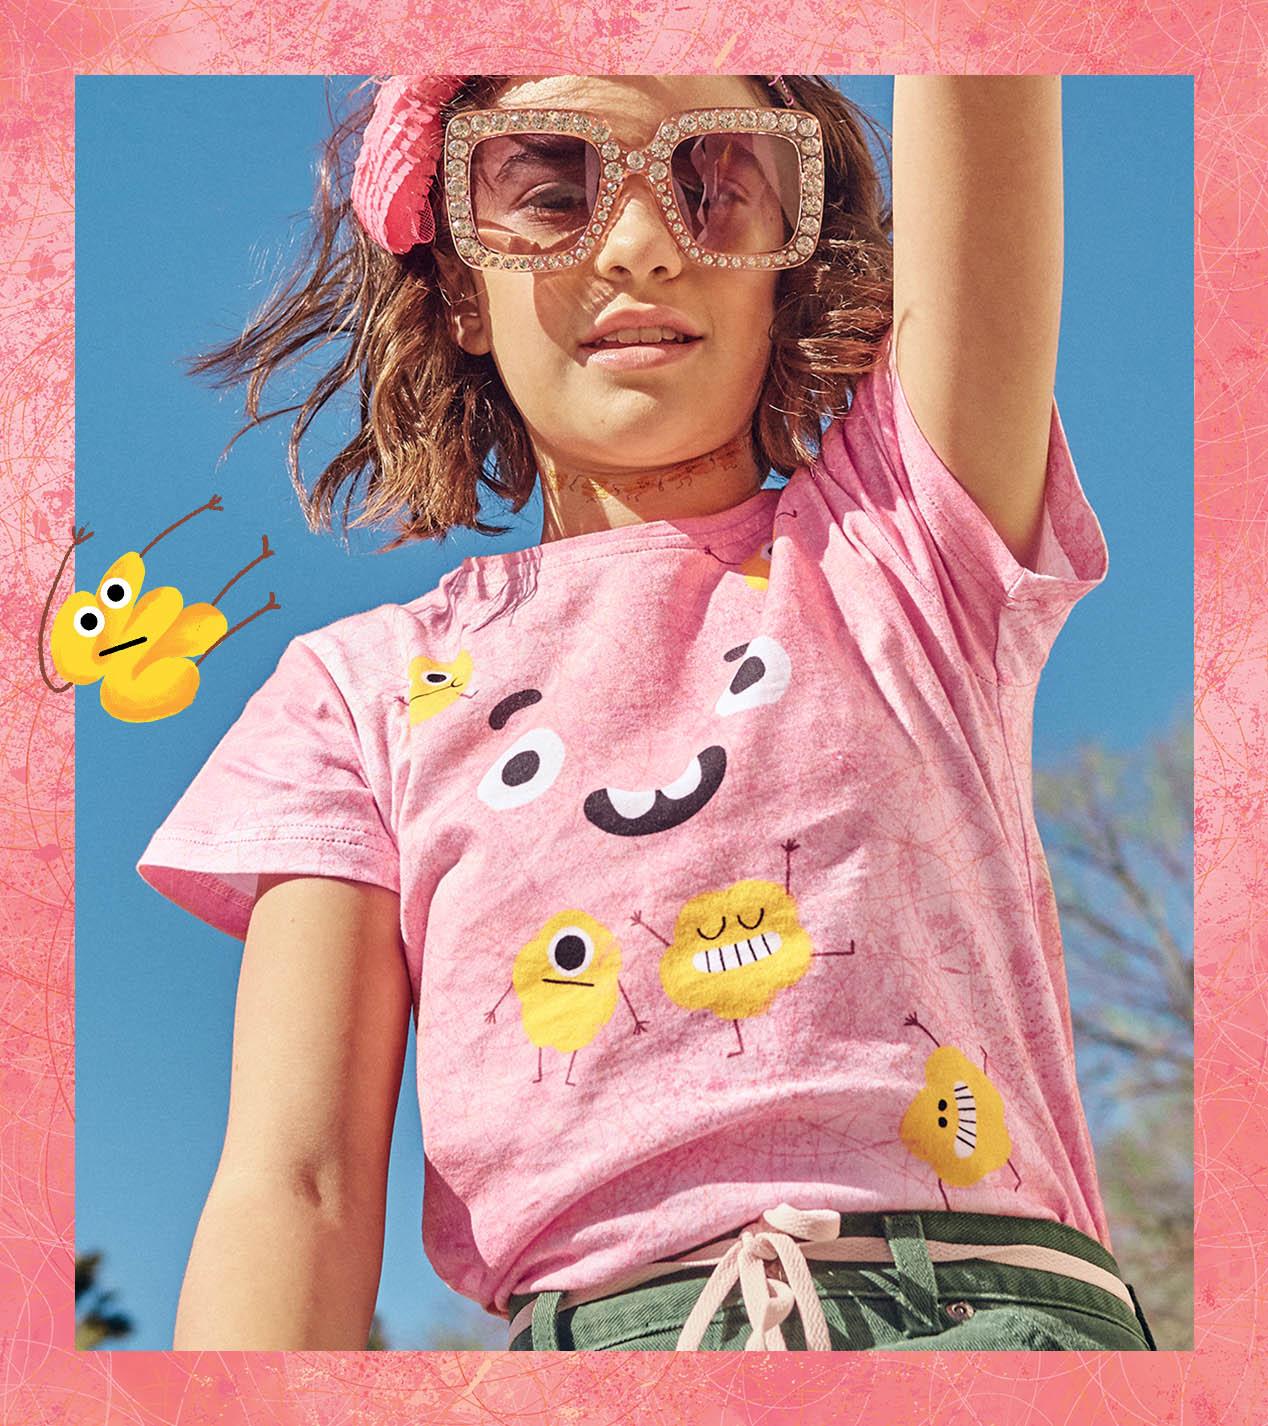 Gimmies-LOOKBOOK3-03011910 PCC CMC Artboard B.jpg